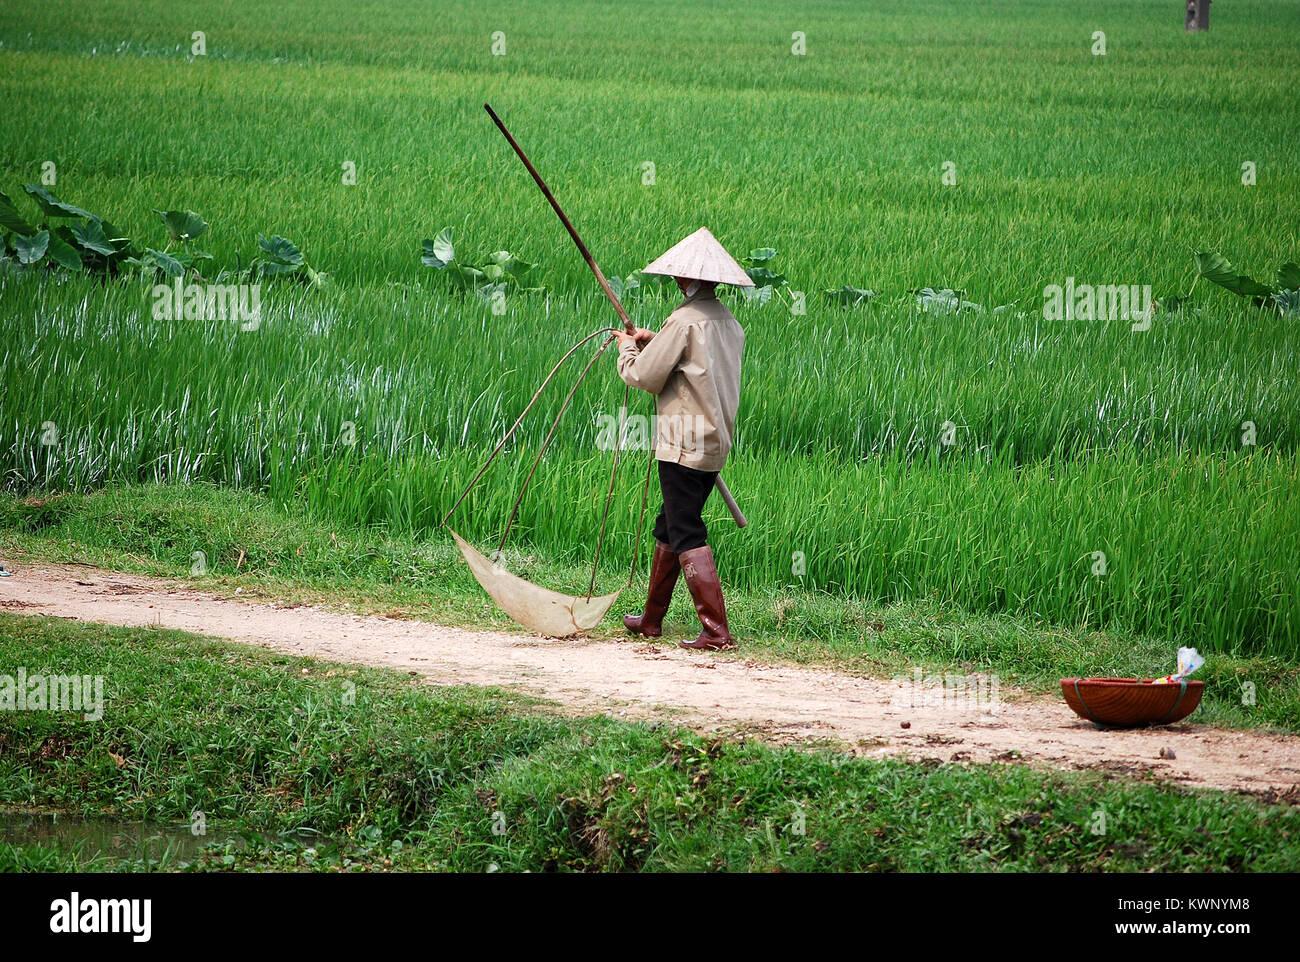 (FIN) légionnaire en Indochine par BONO La-chasse-a-lhomme-grenouille-riziere-vietnam-il-porte-un-chapeau-vietnamien-typique-kwnym8